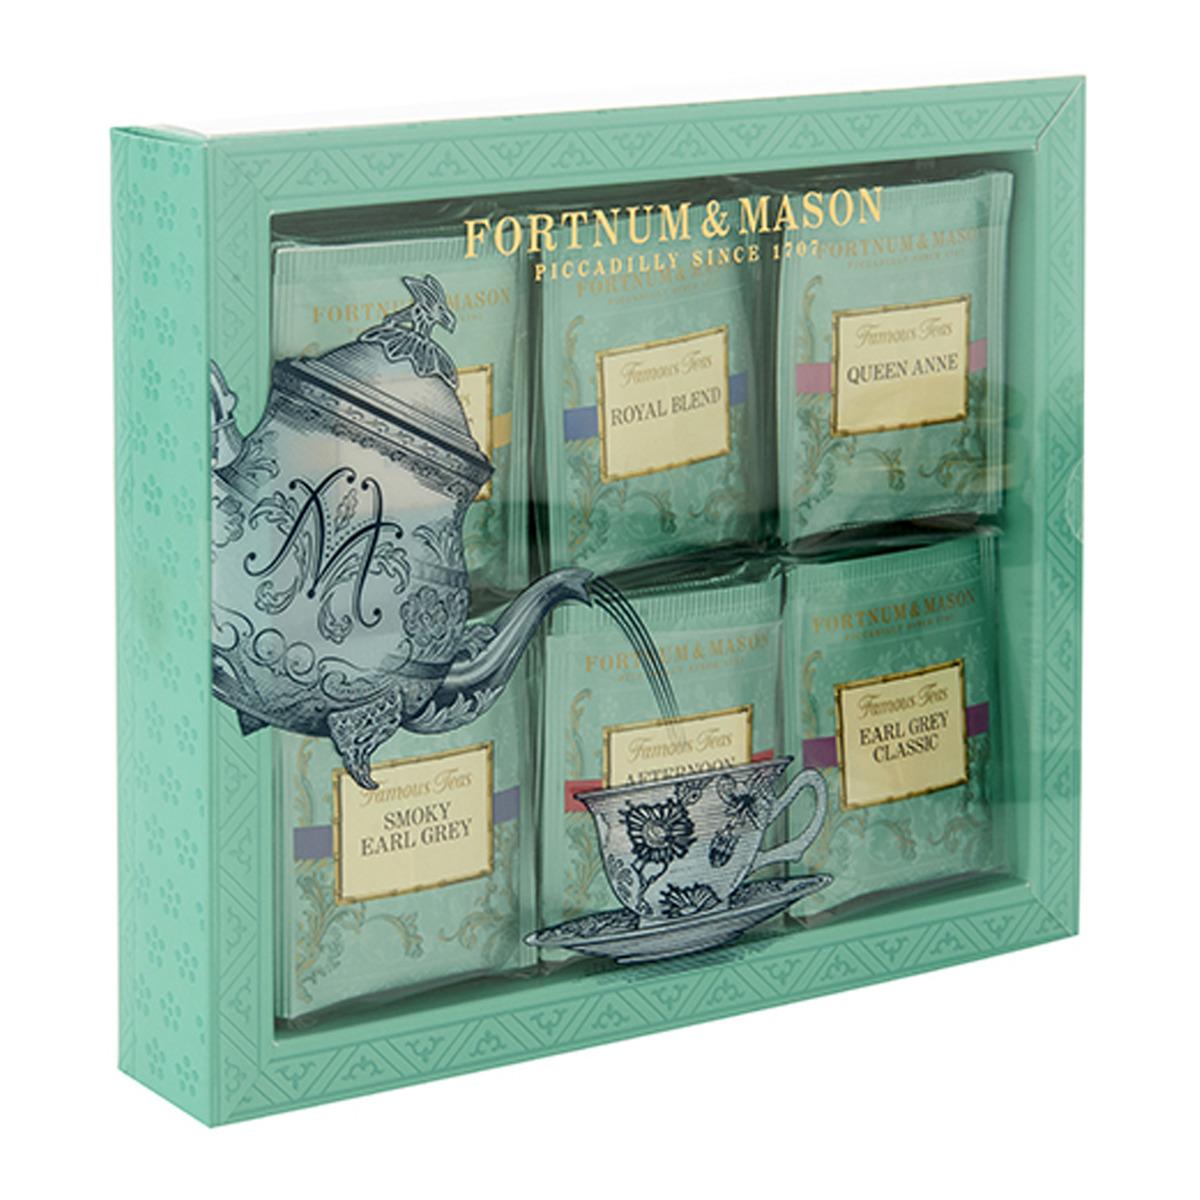 Selección de tés Fortnum's Famous Tea Fortnum & Mason